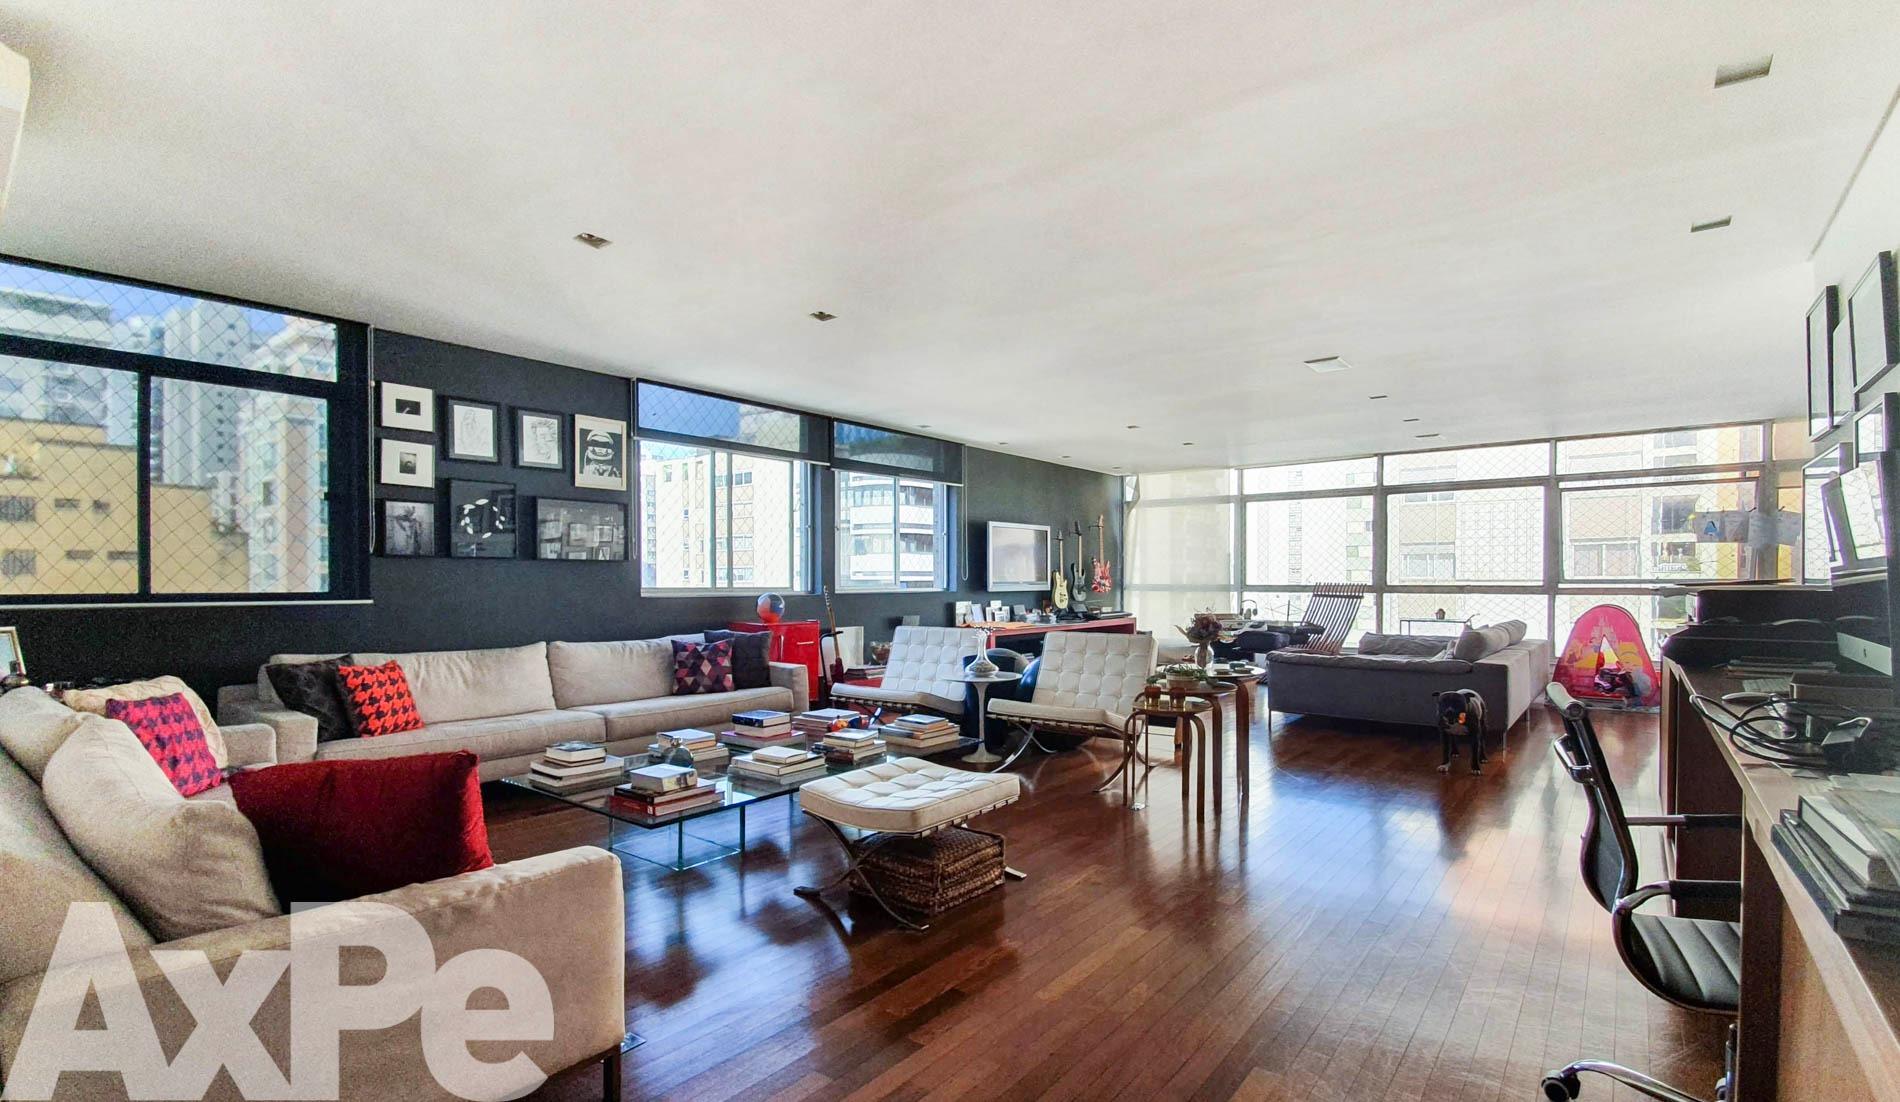 Axpe Apartamento - AX12239